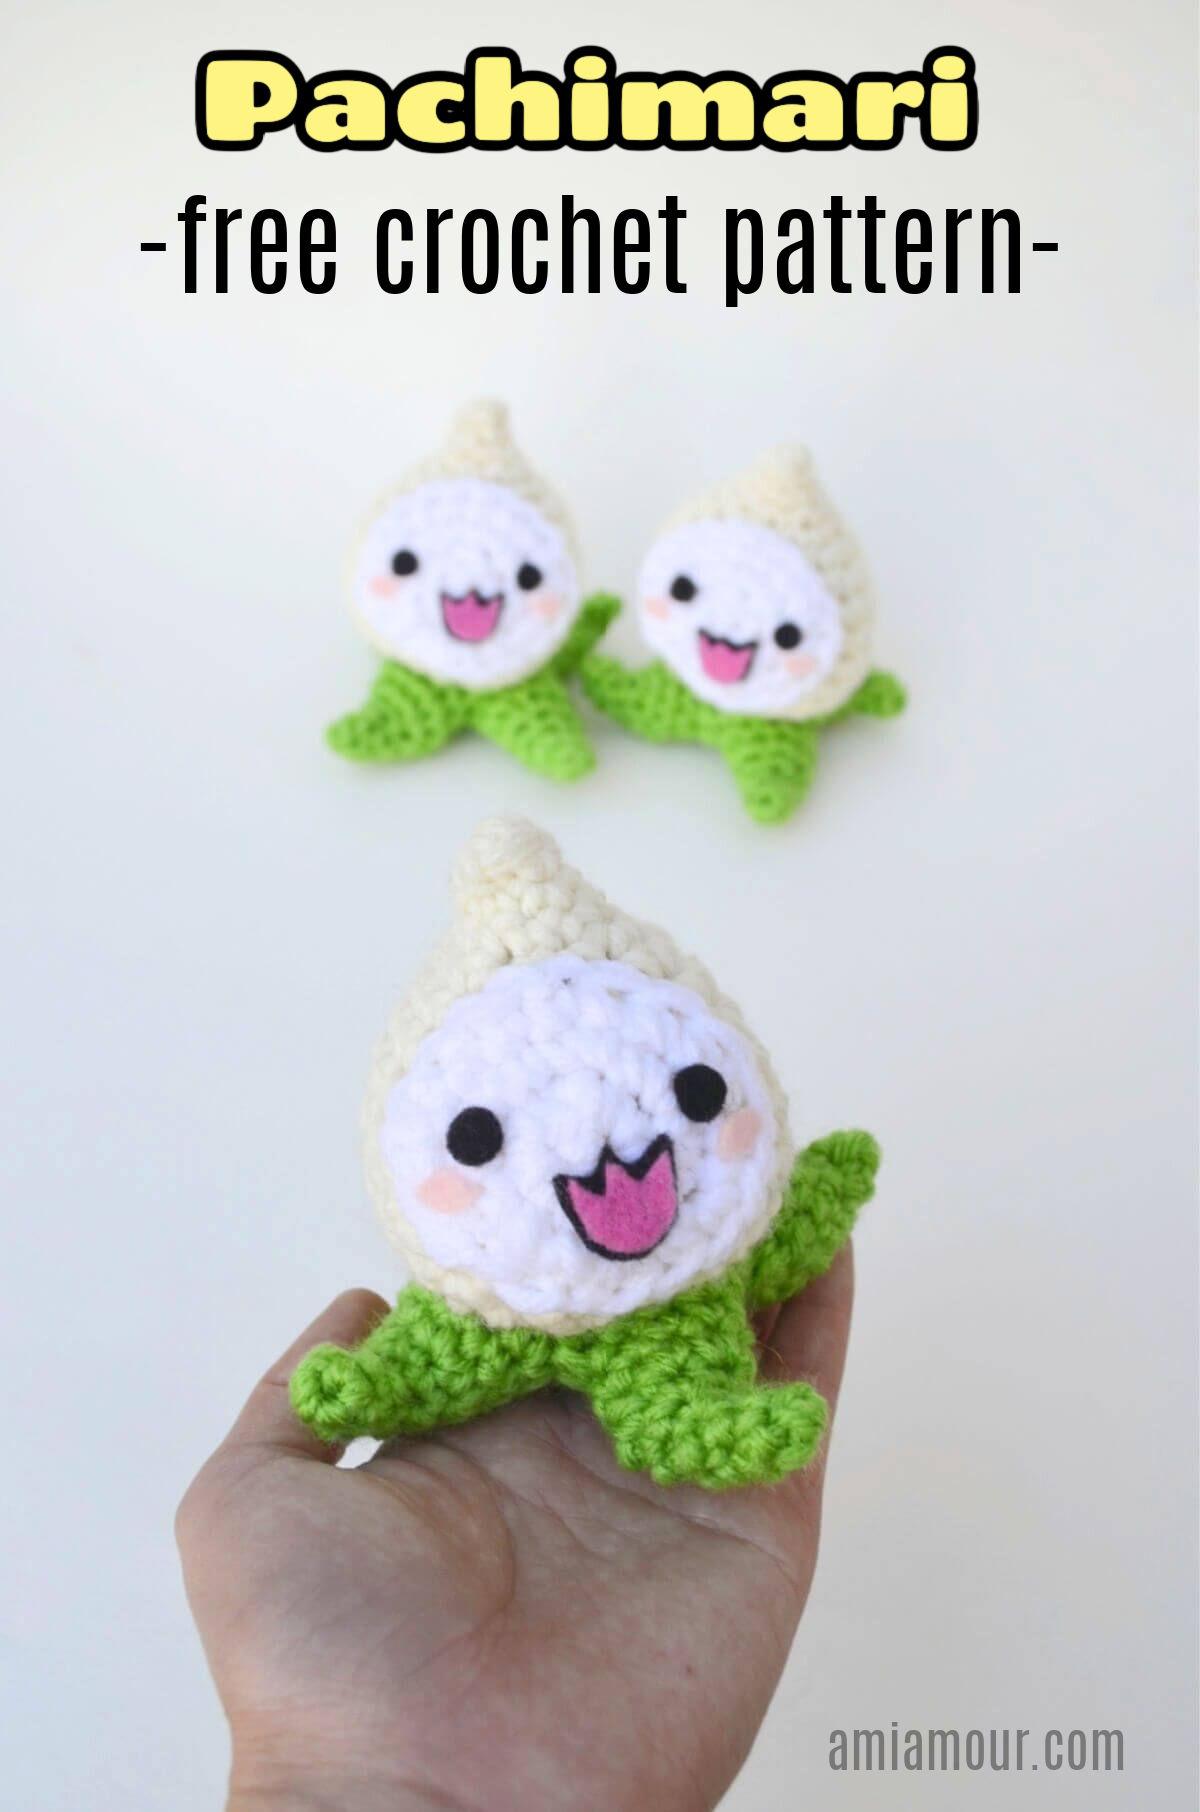 Pachimari - Free Crochet Pattern